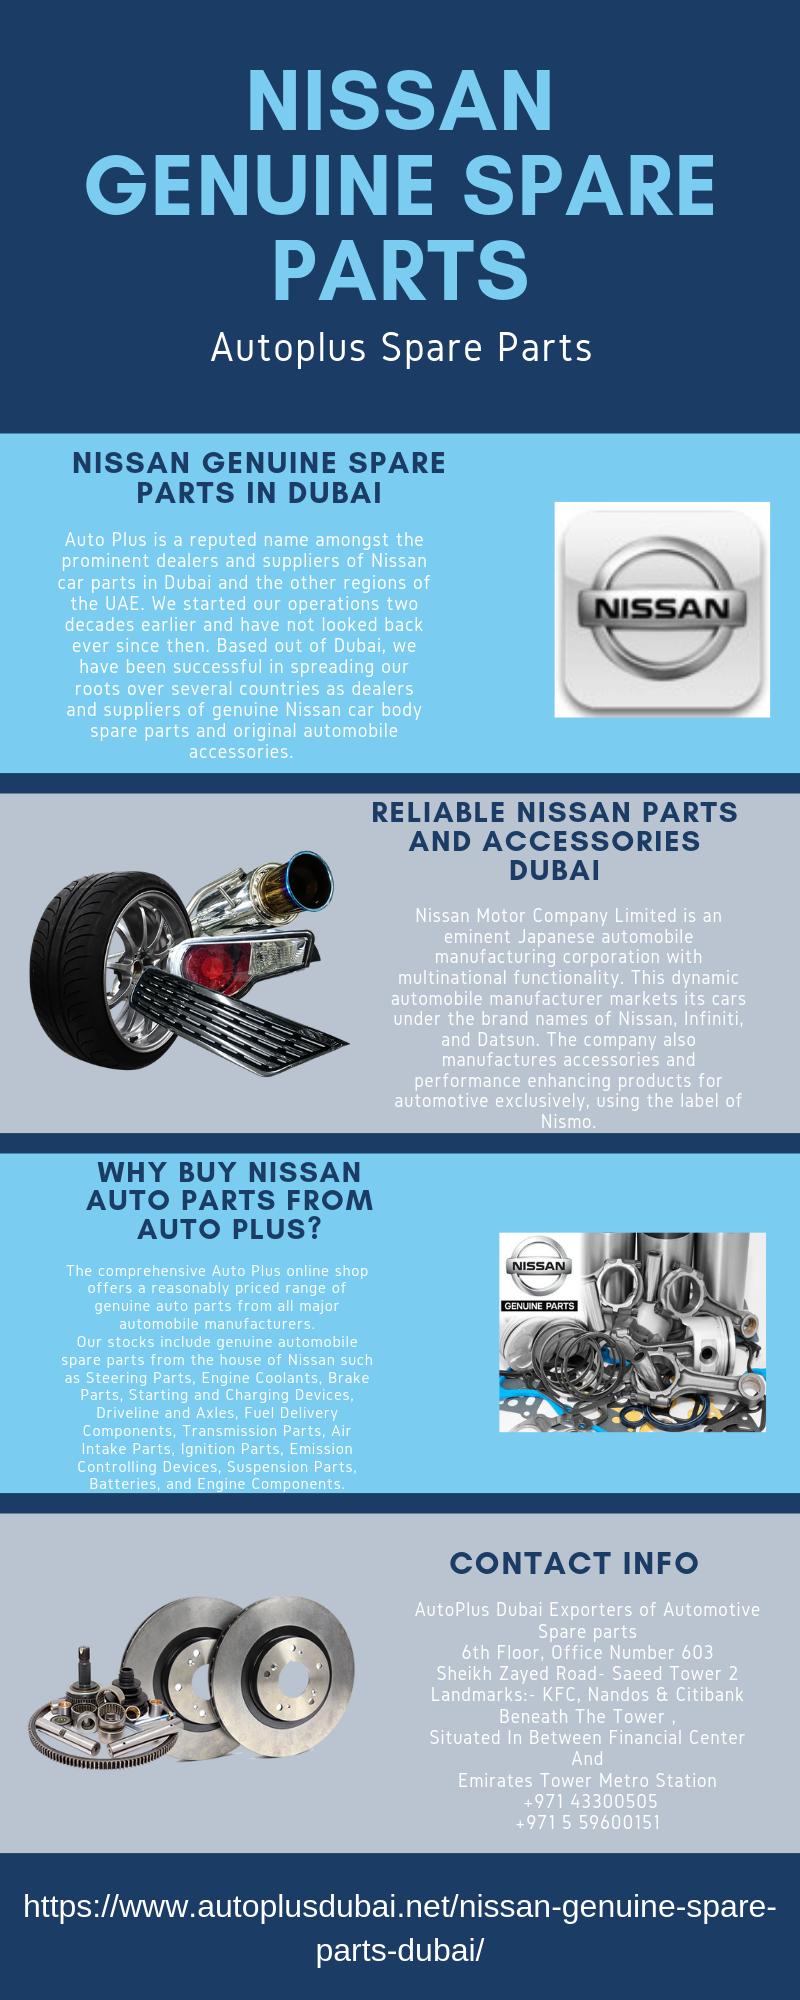 Autoplus Spare Parts (autoplussparepart) on Pinterest